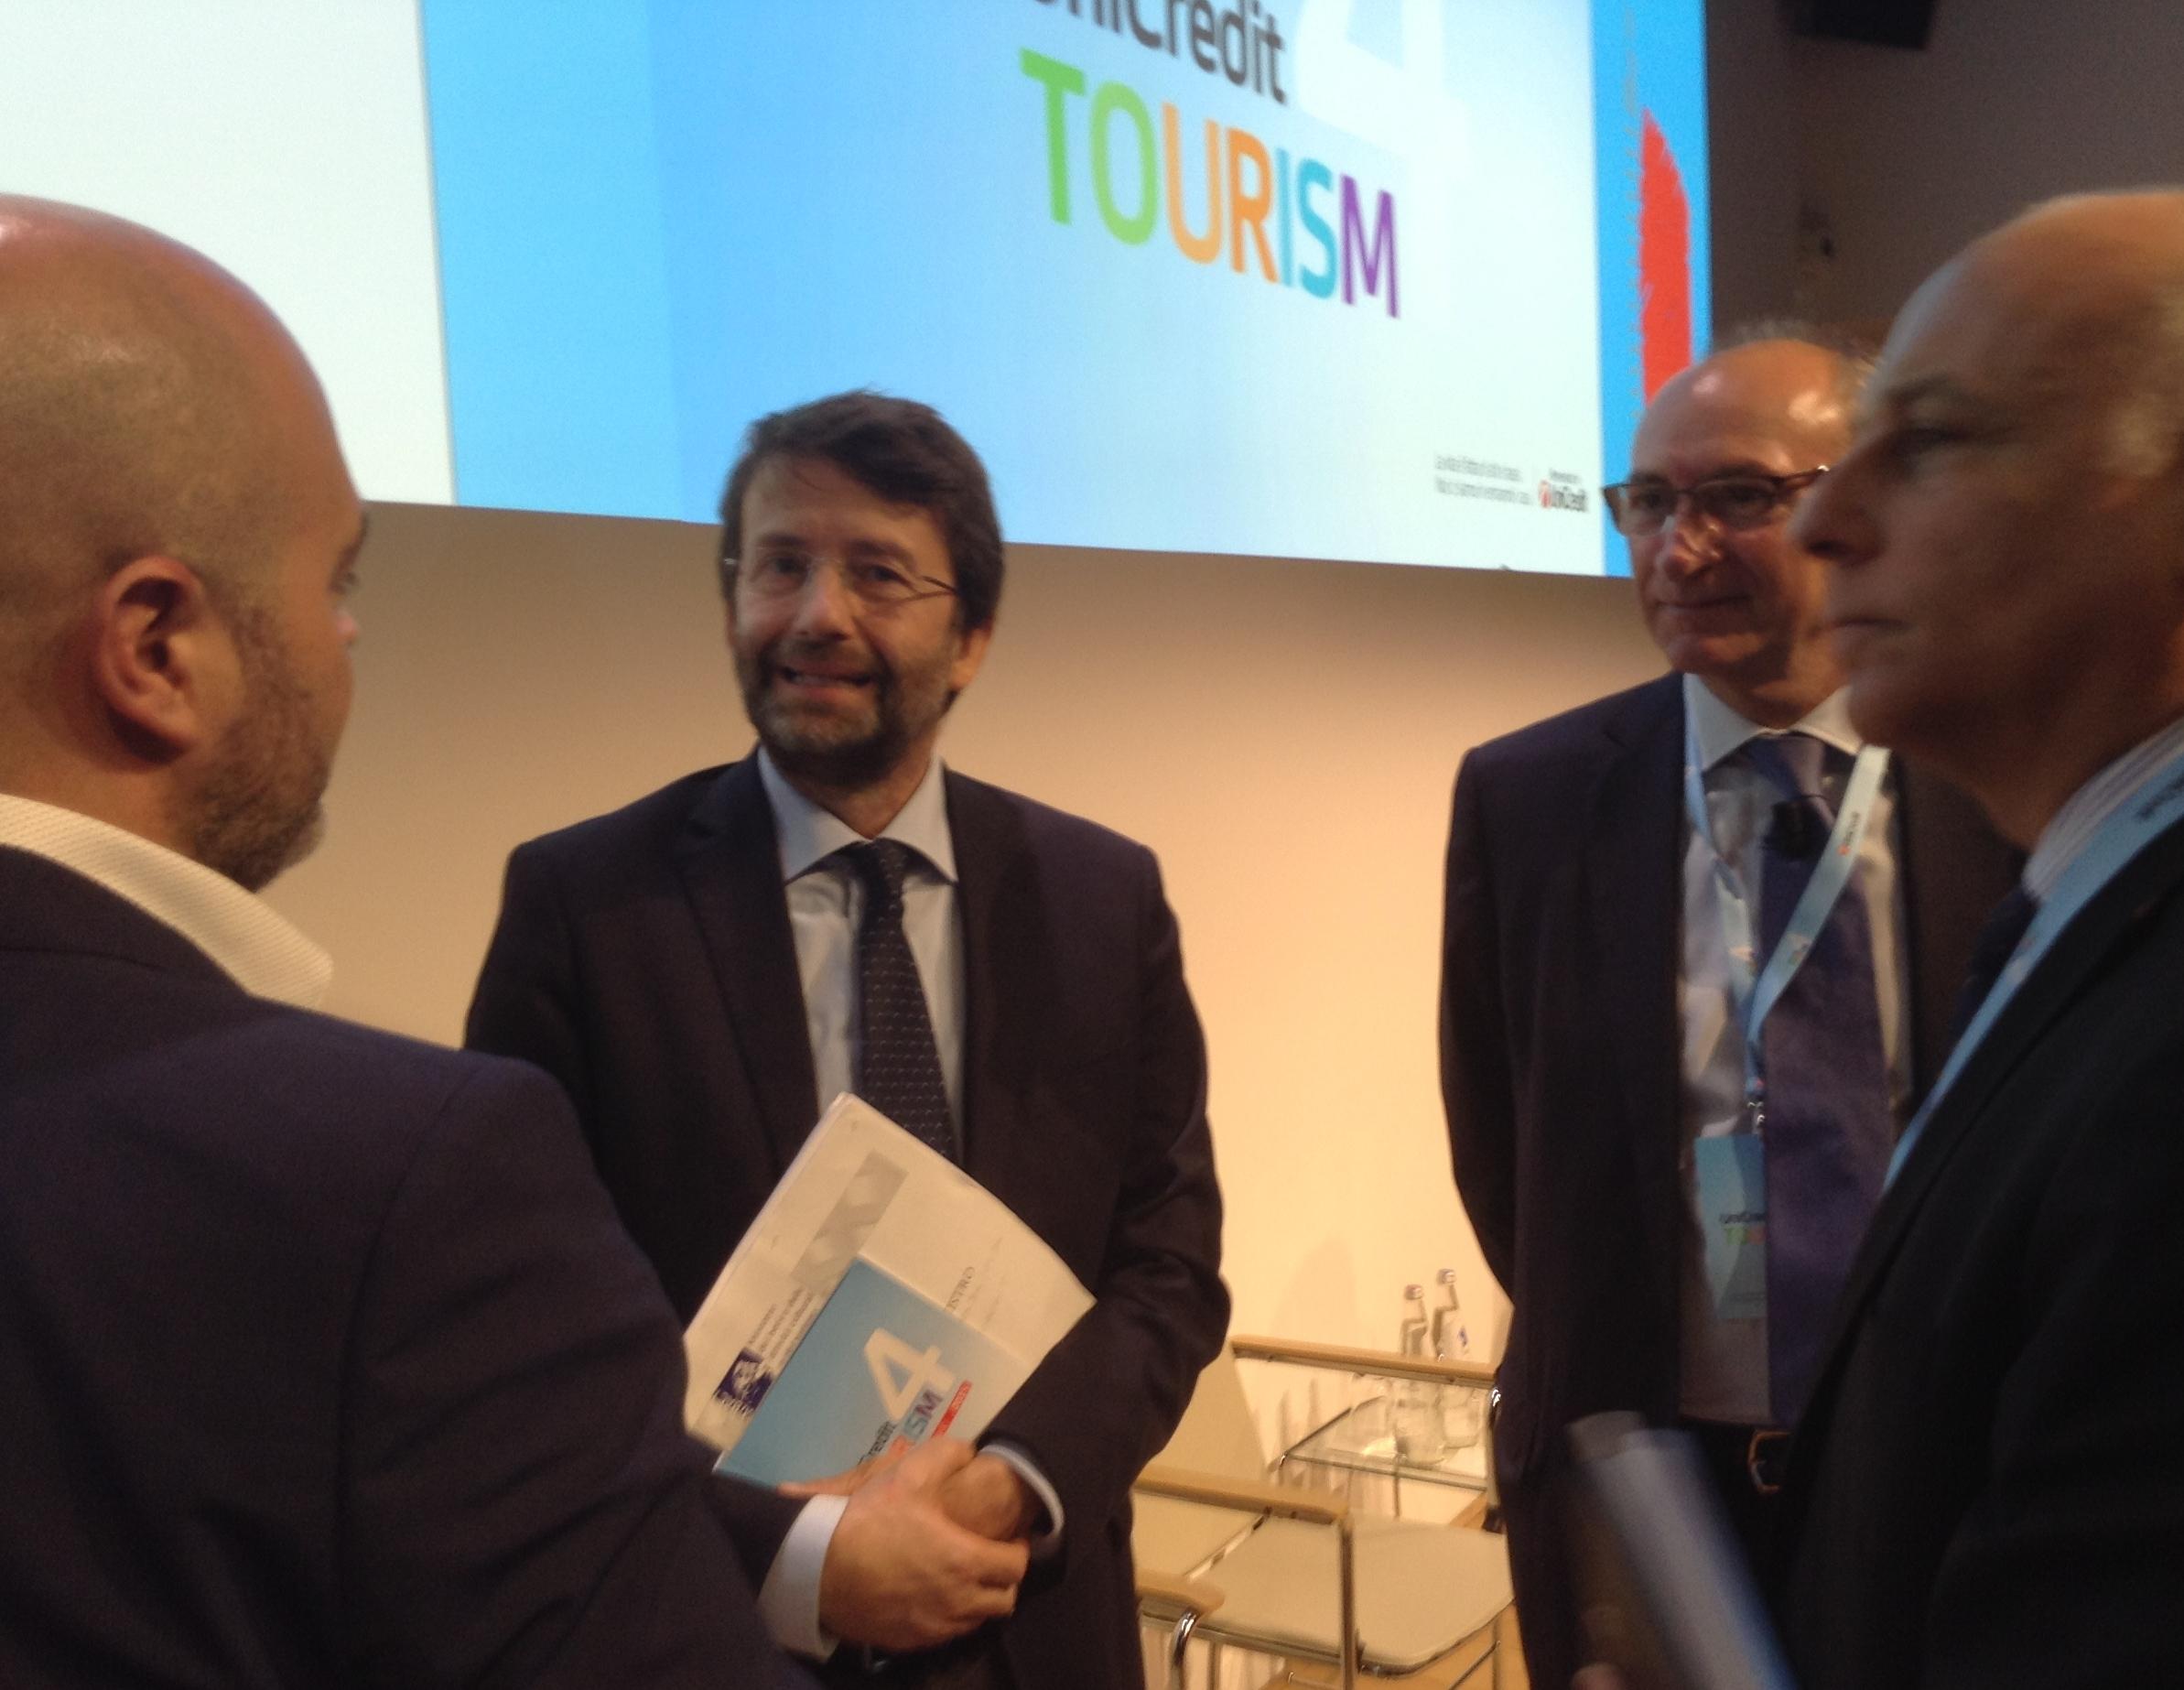 il ministro della cultura e del turismo Dario Franceschini